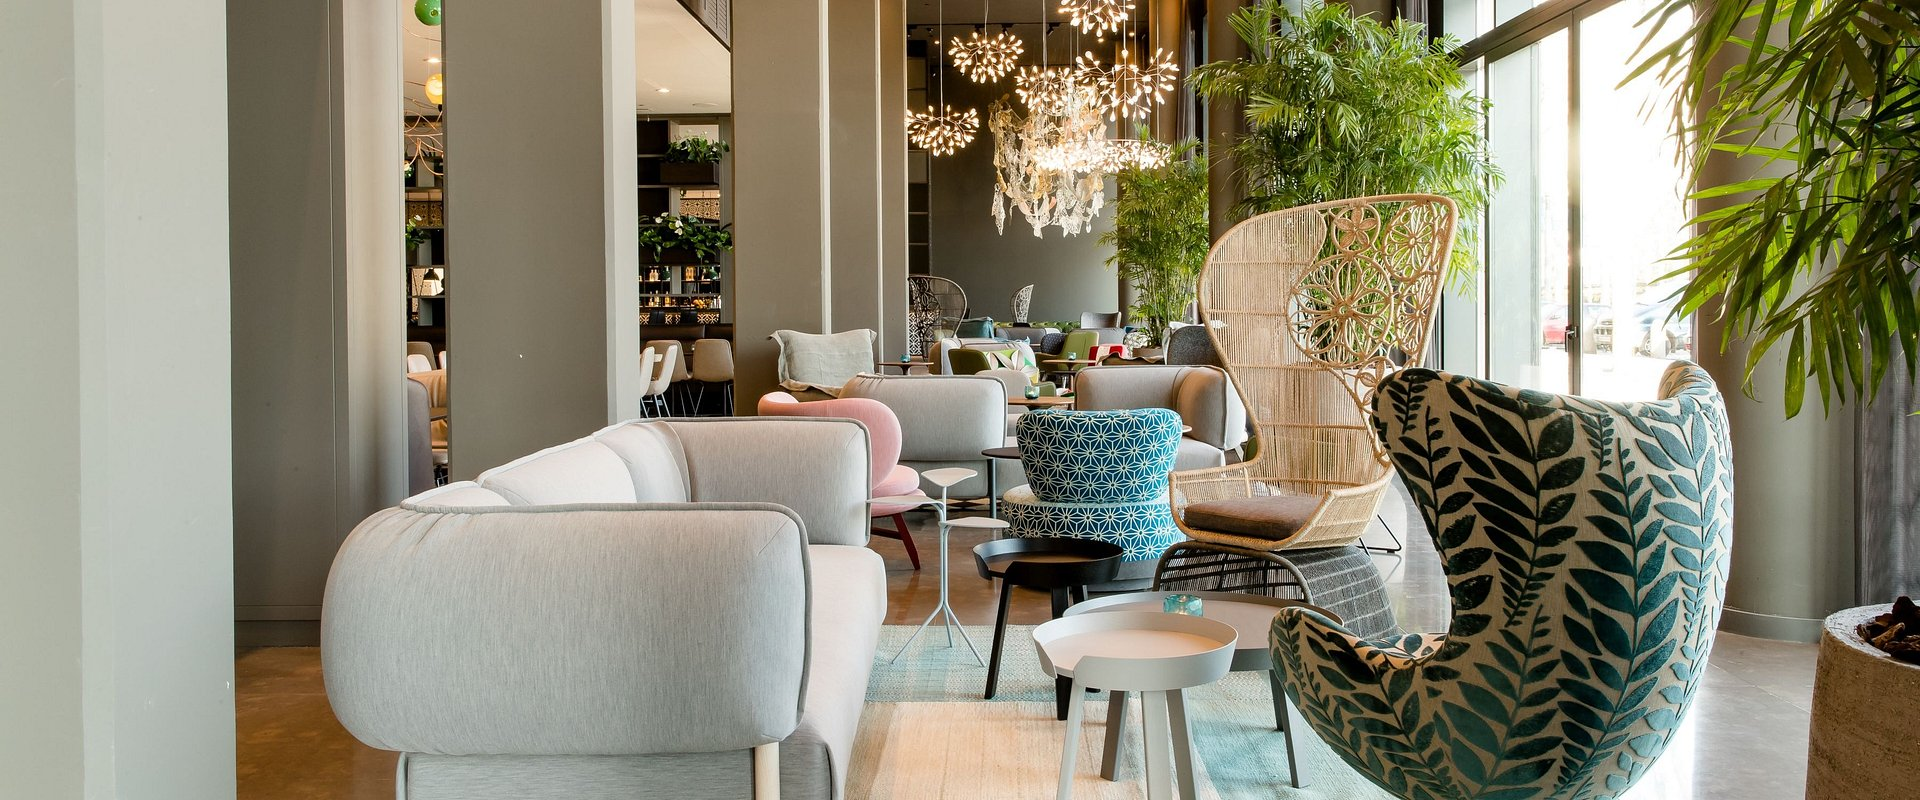 Interzum 2019: Idealne i niepowtarzalne wnętrze hotelu z produktami Pfleiderera